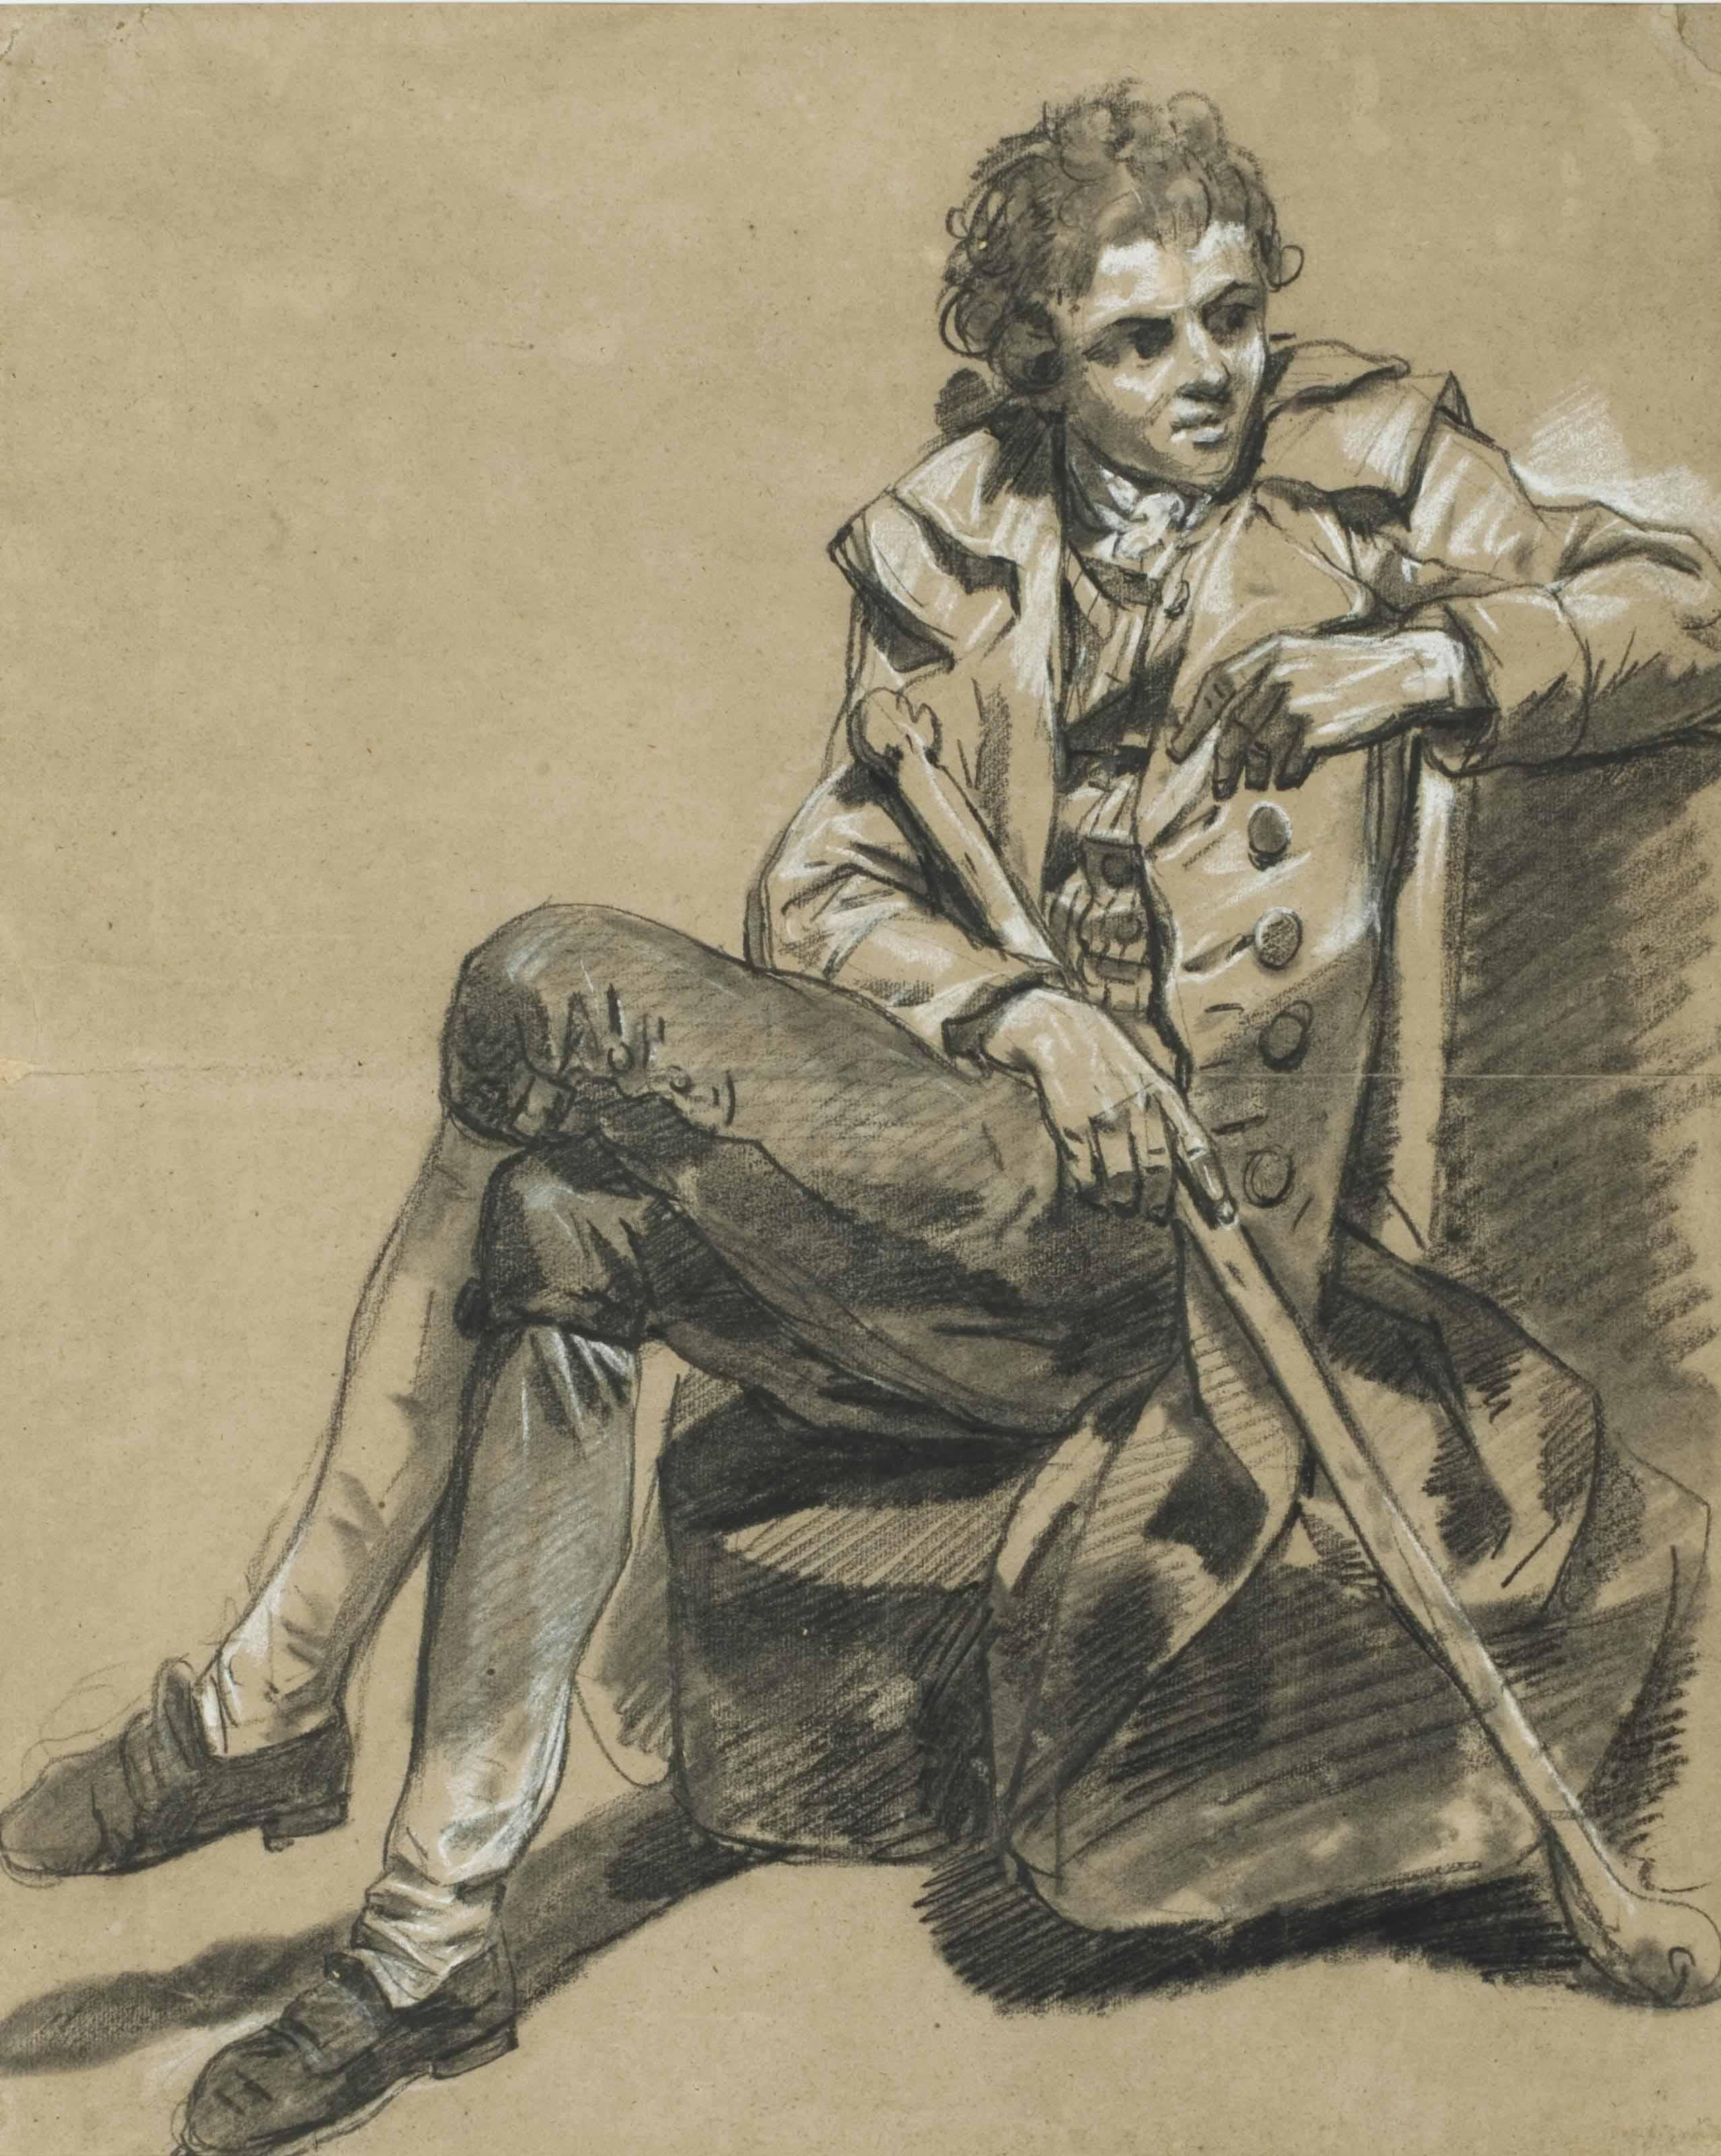 Un homme assis tenant un gourdin